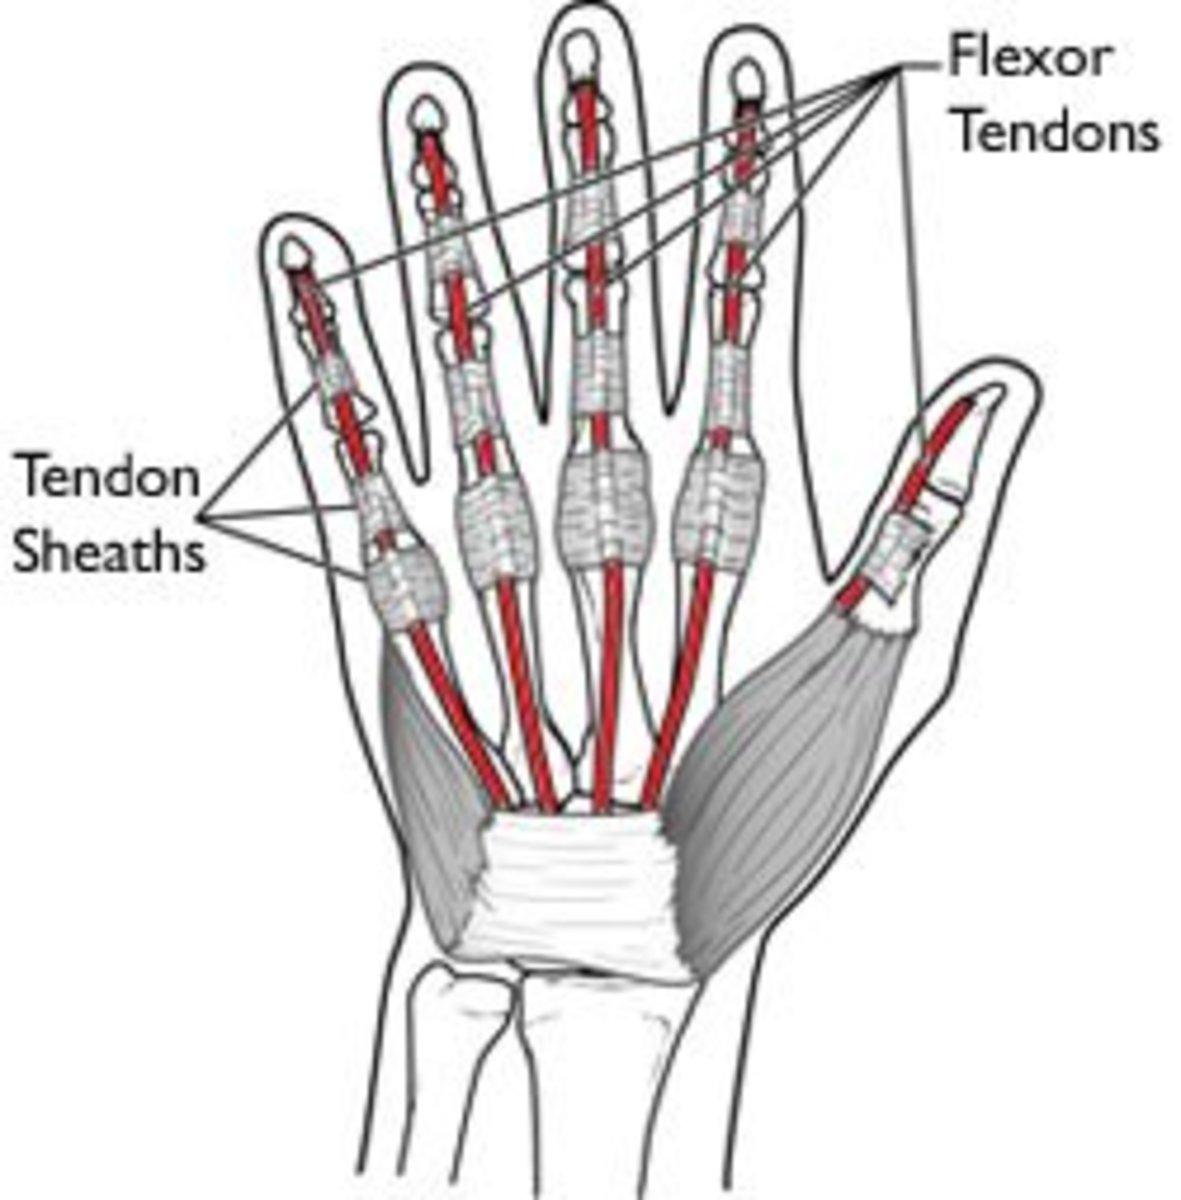 A Severed Flexor Tendon In Pinky Finger